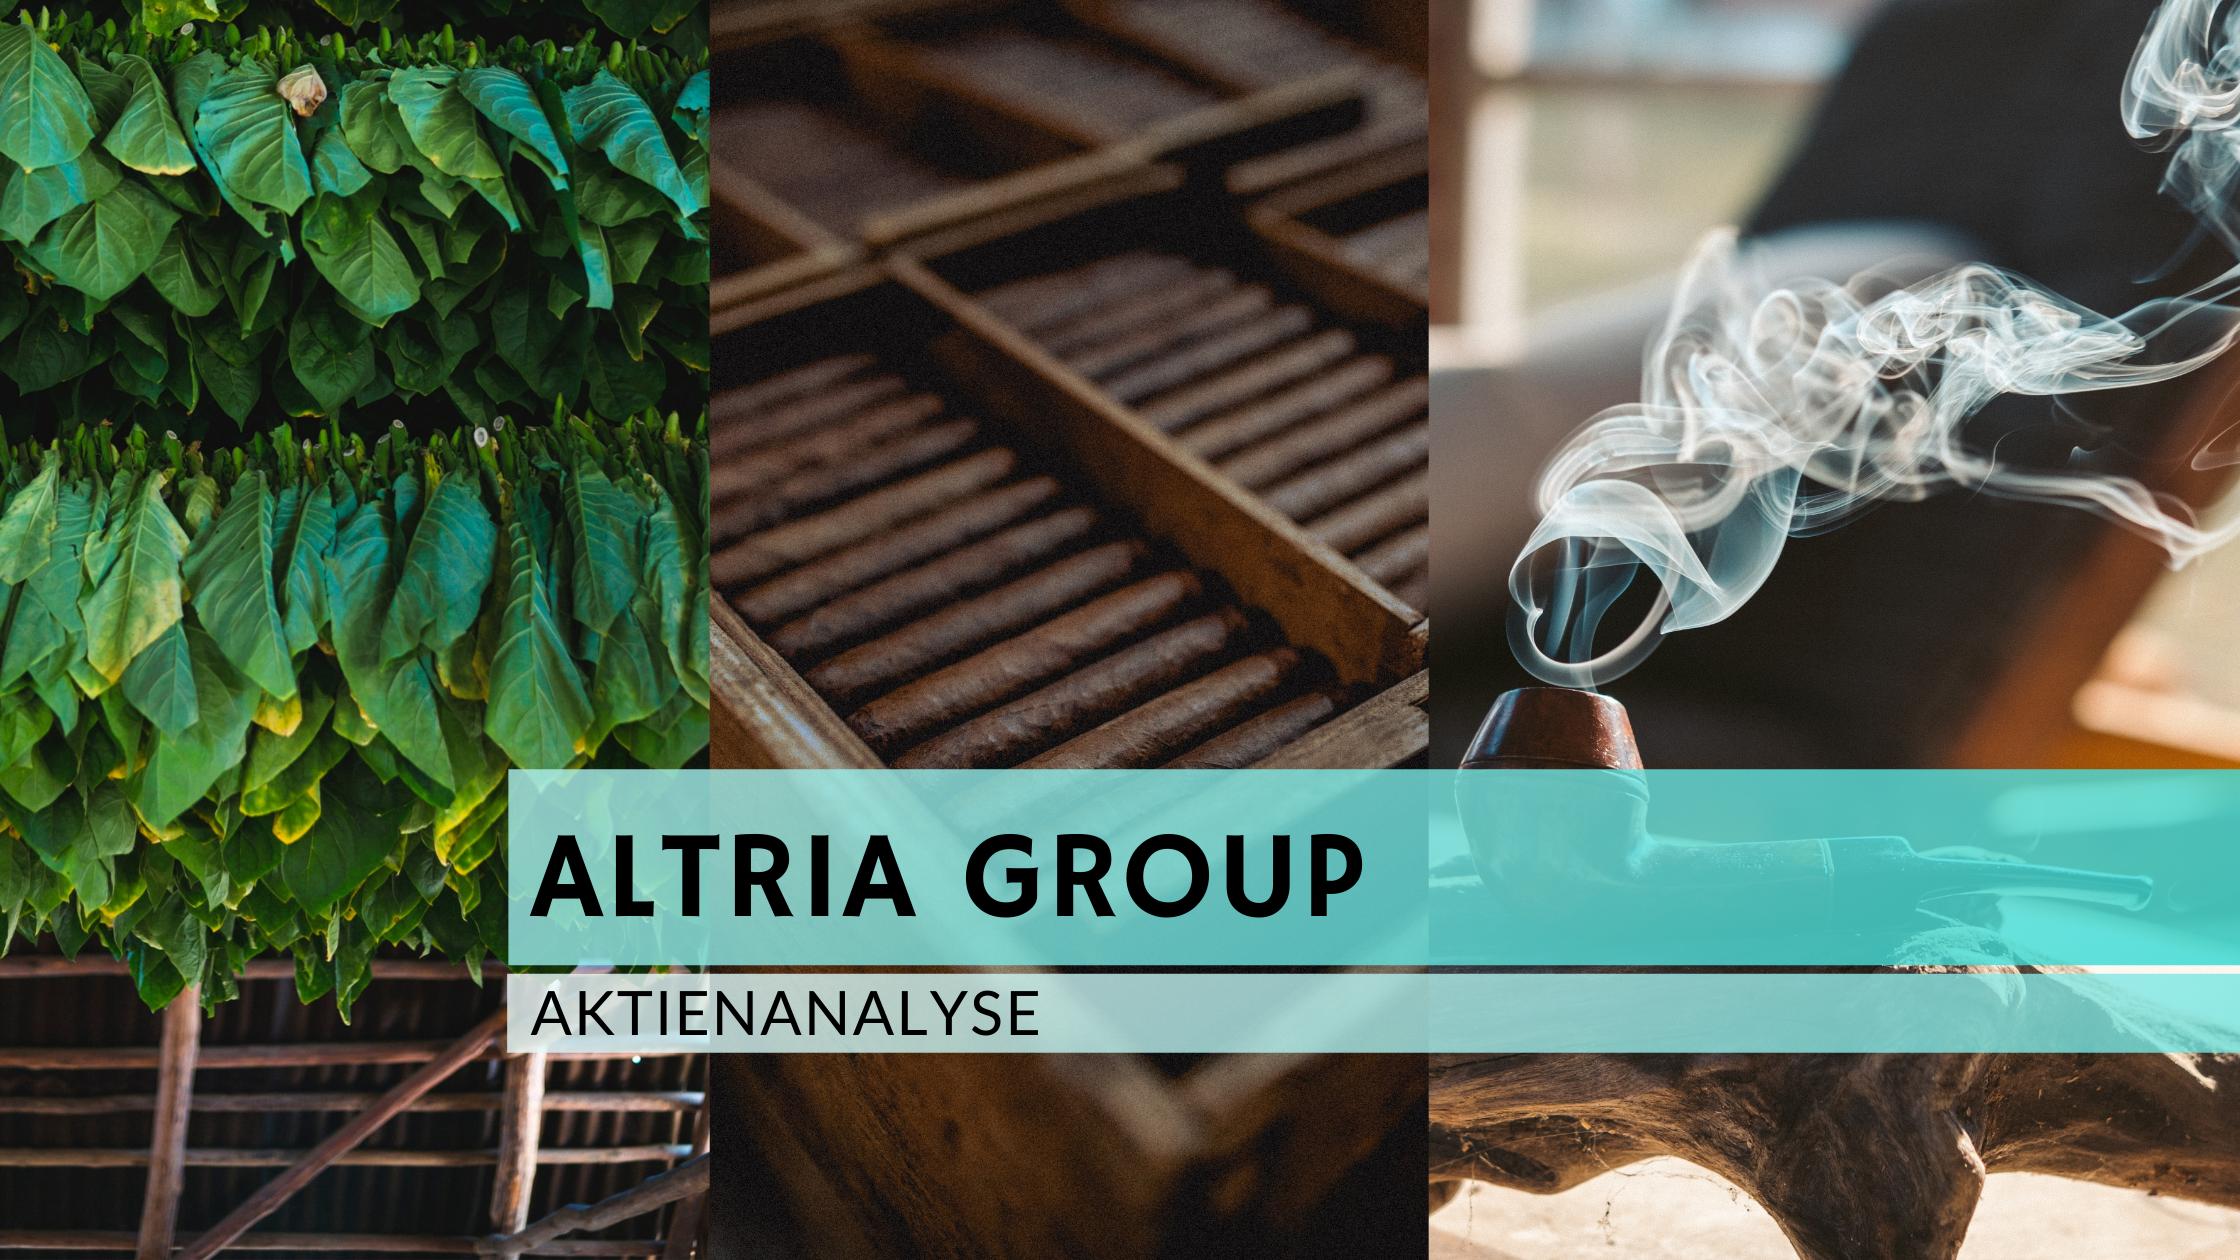 Altria Group Aktienanalyse